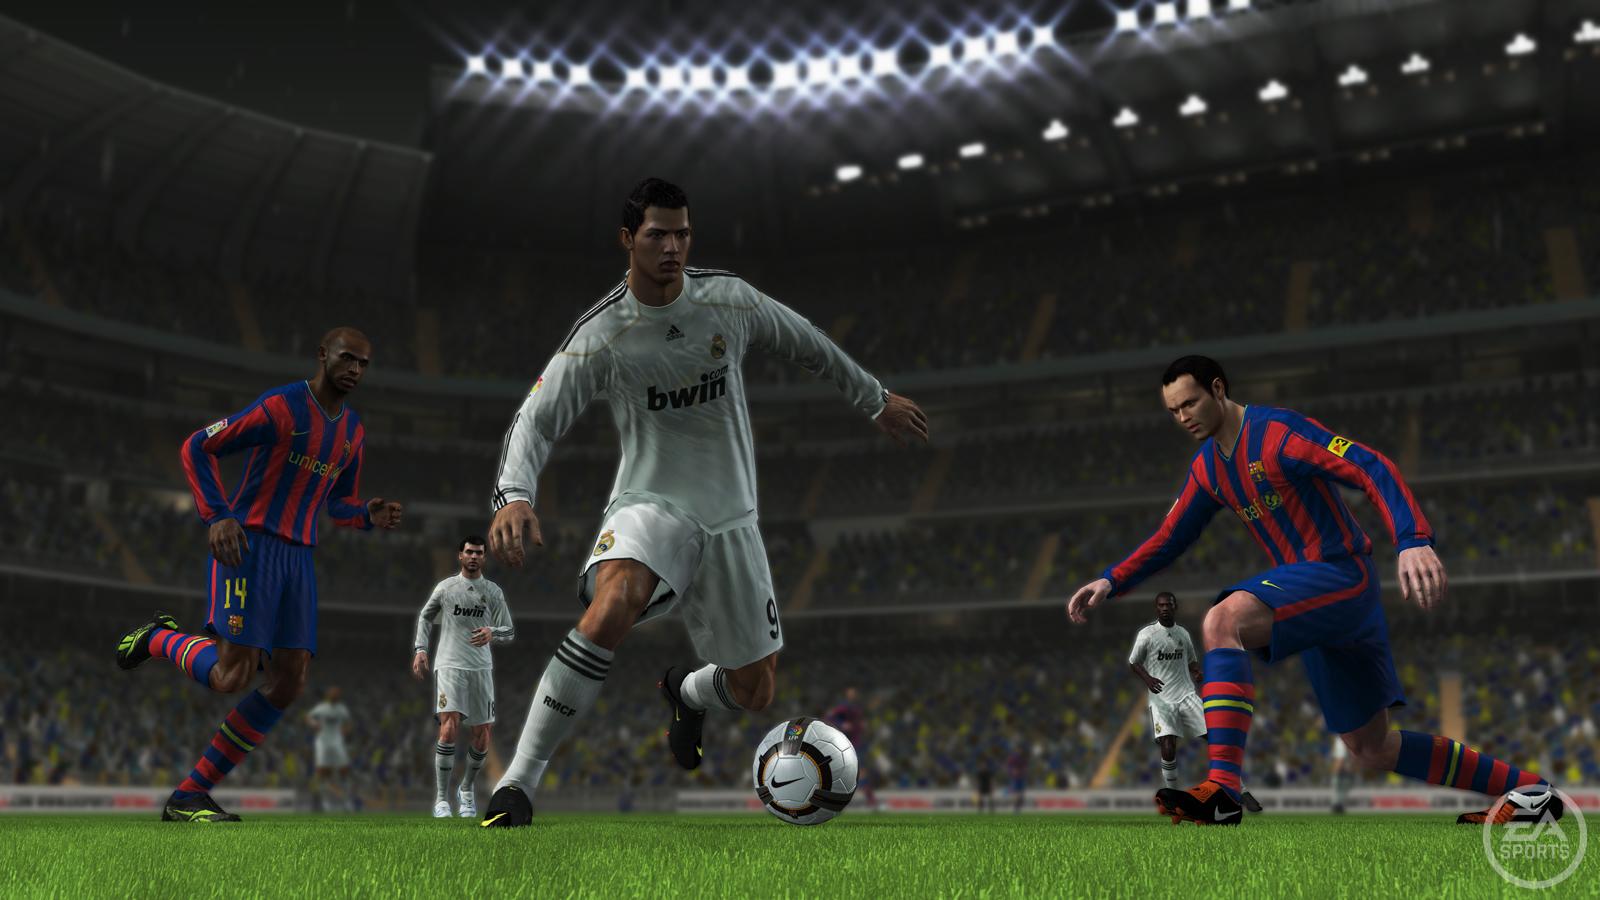 تنزيل لعبة فيفا 2010 للكمبيوتر FIFA-10-Download.jpg